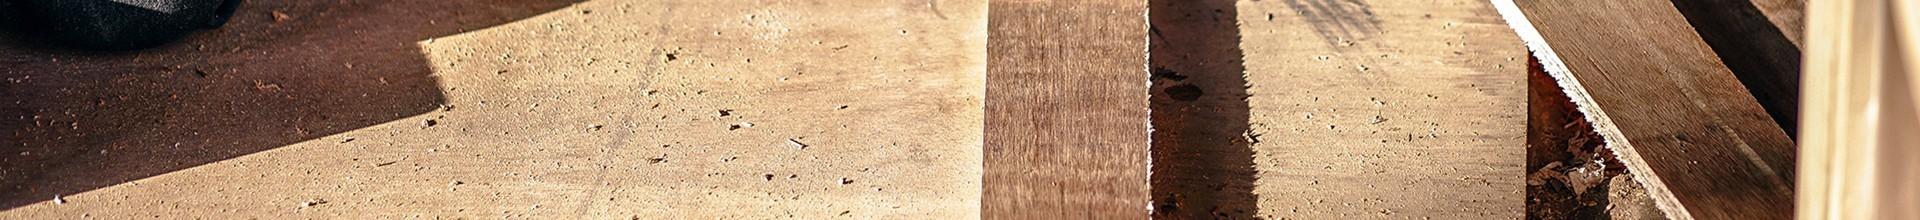 Ain (01) Solution d'ouverture pour les petites pièces.